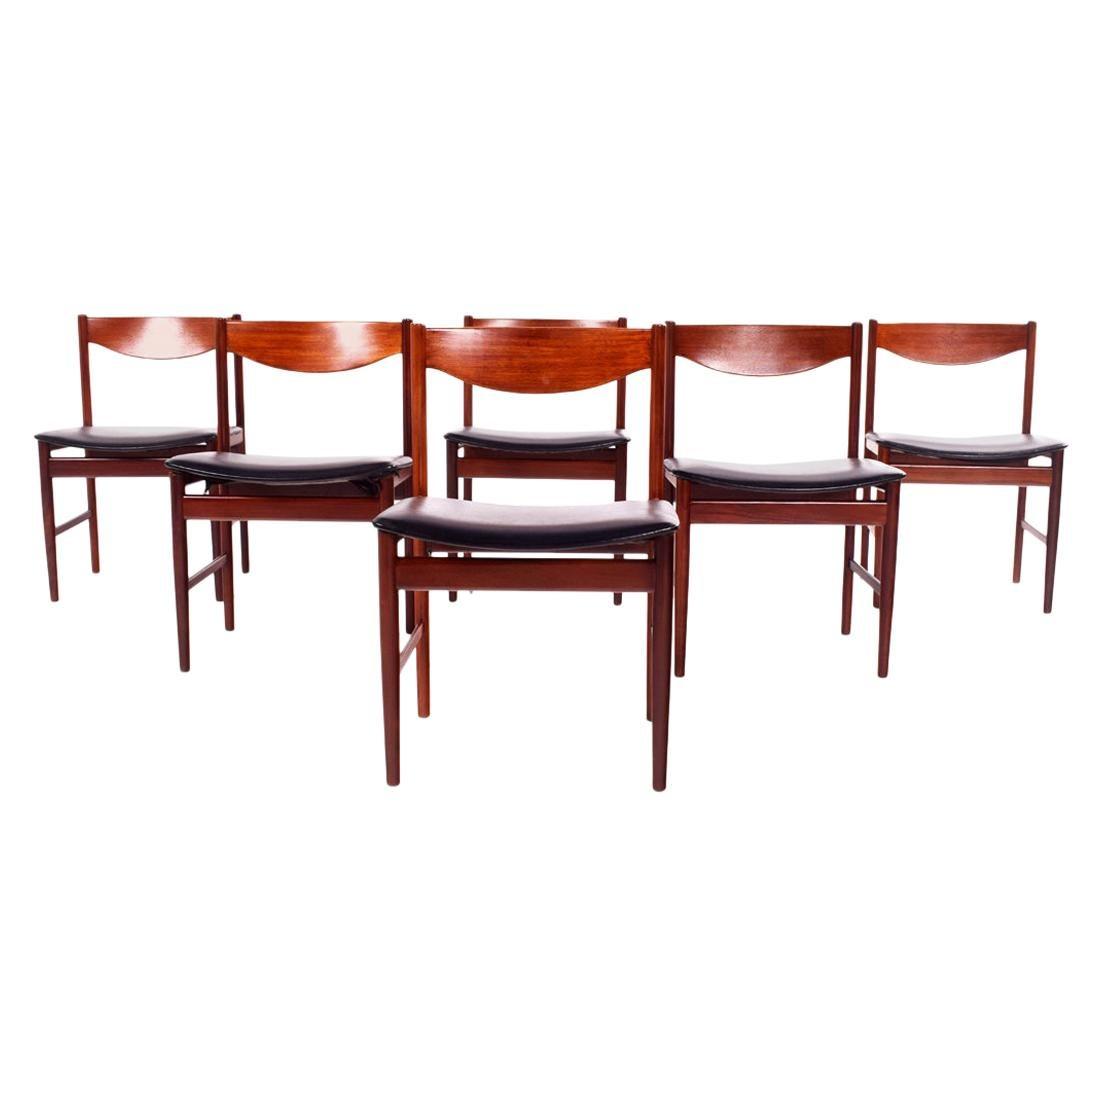 Teak Dining Chairs by Ib Kofod-Larsen for G-Plan